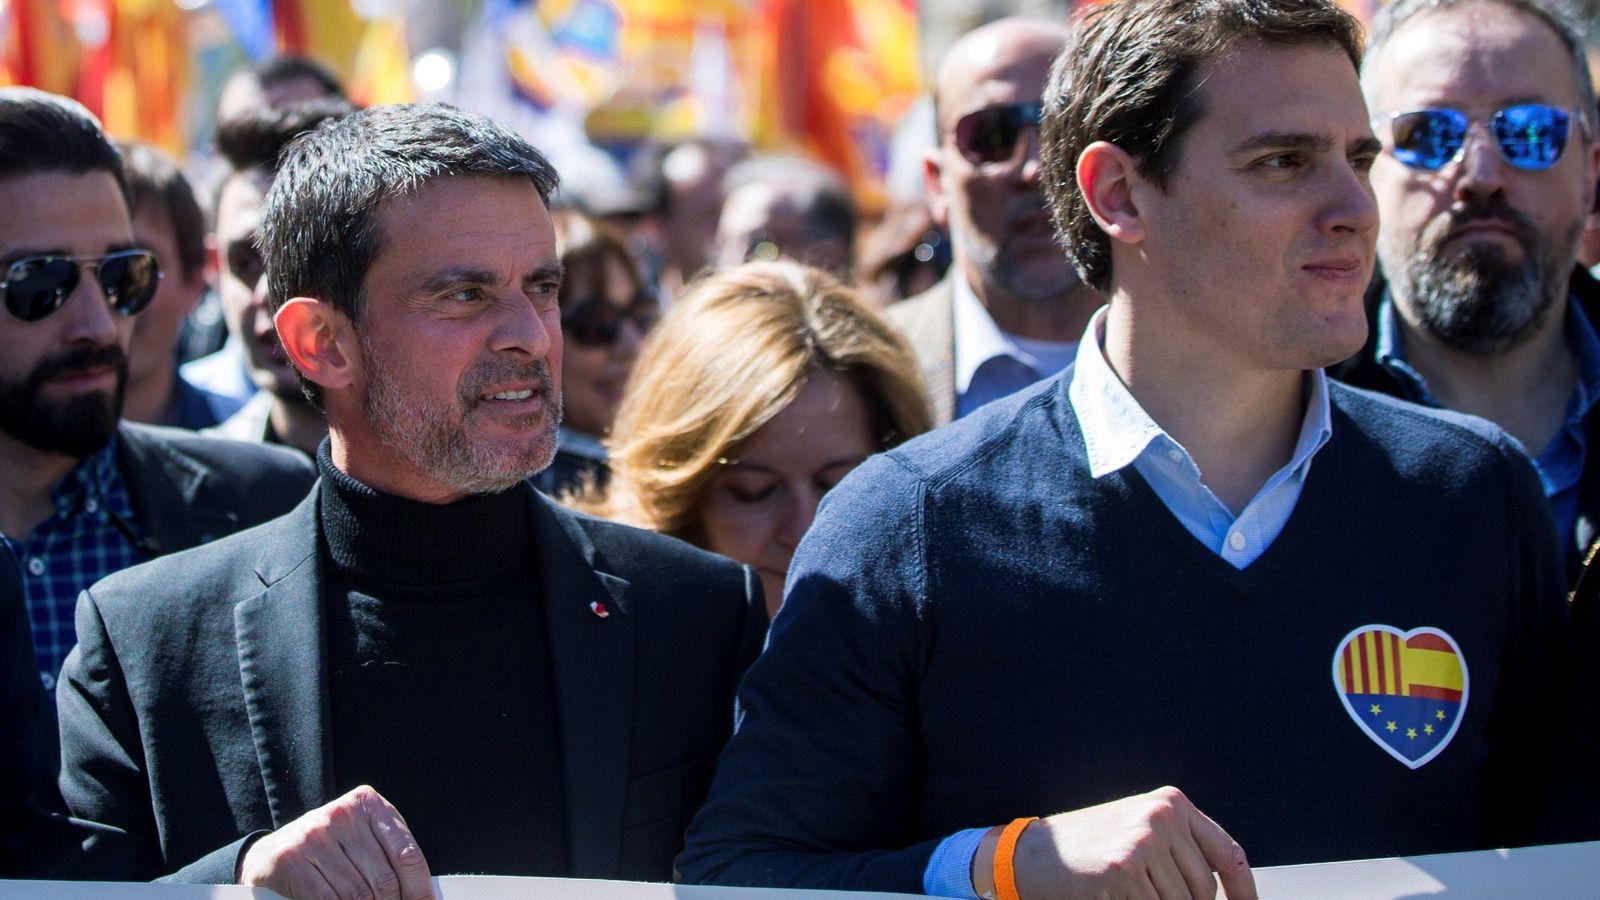 Foto: El presidente de Ciudadanos, Albert Rivera, junto al ex primer ministro socialista francés, Manuel Valls. (EFE)